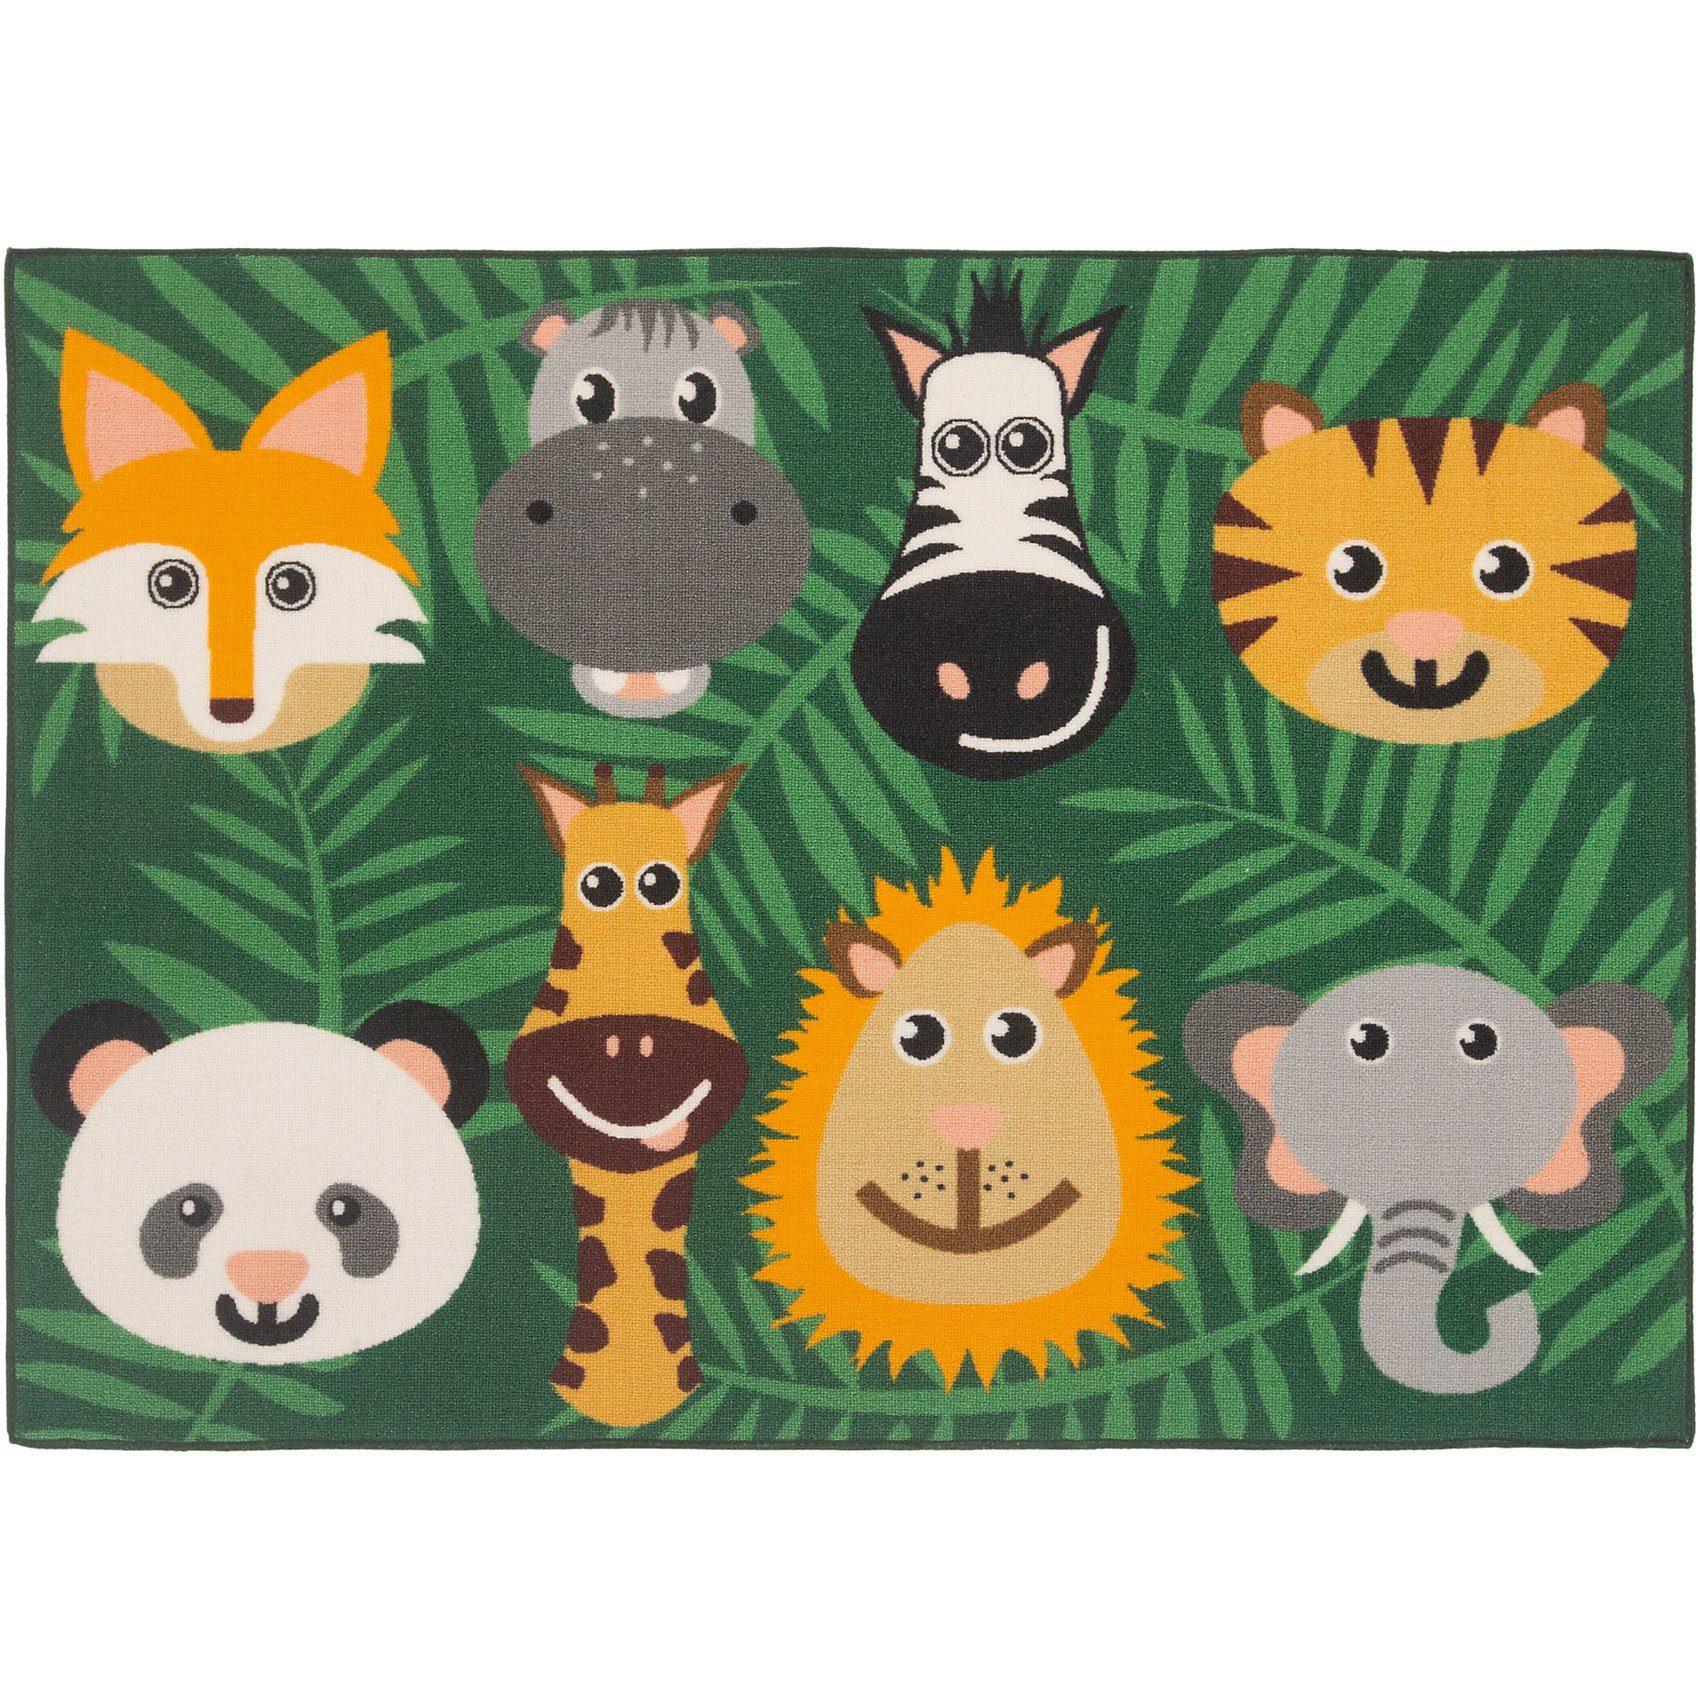 Kinderteppich wilde Tiere, 95 x 133 cm